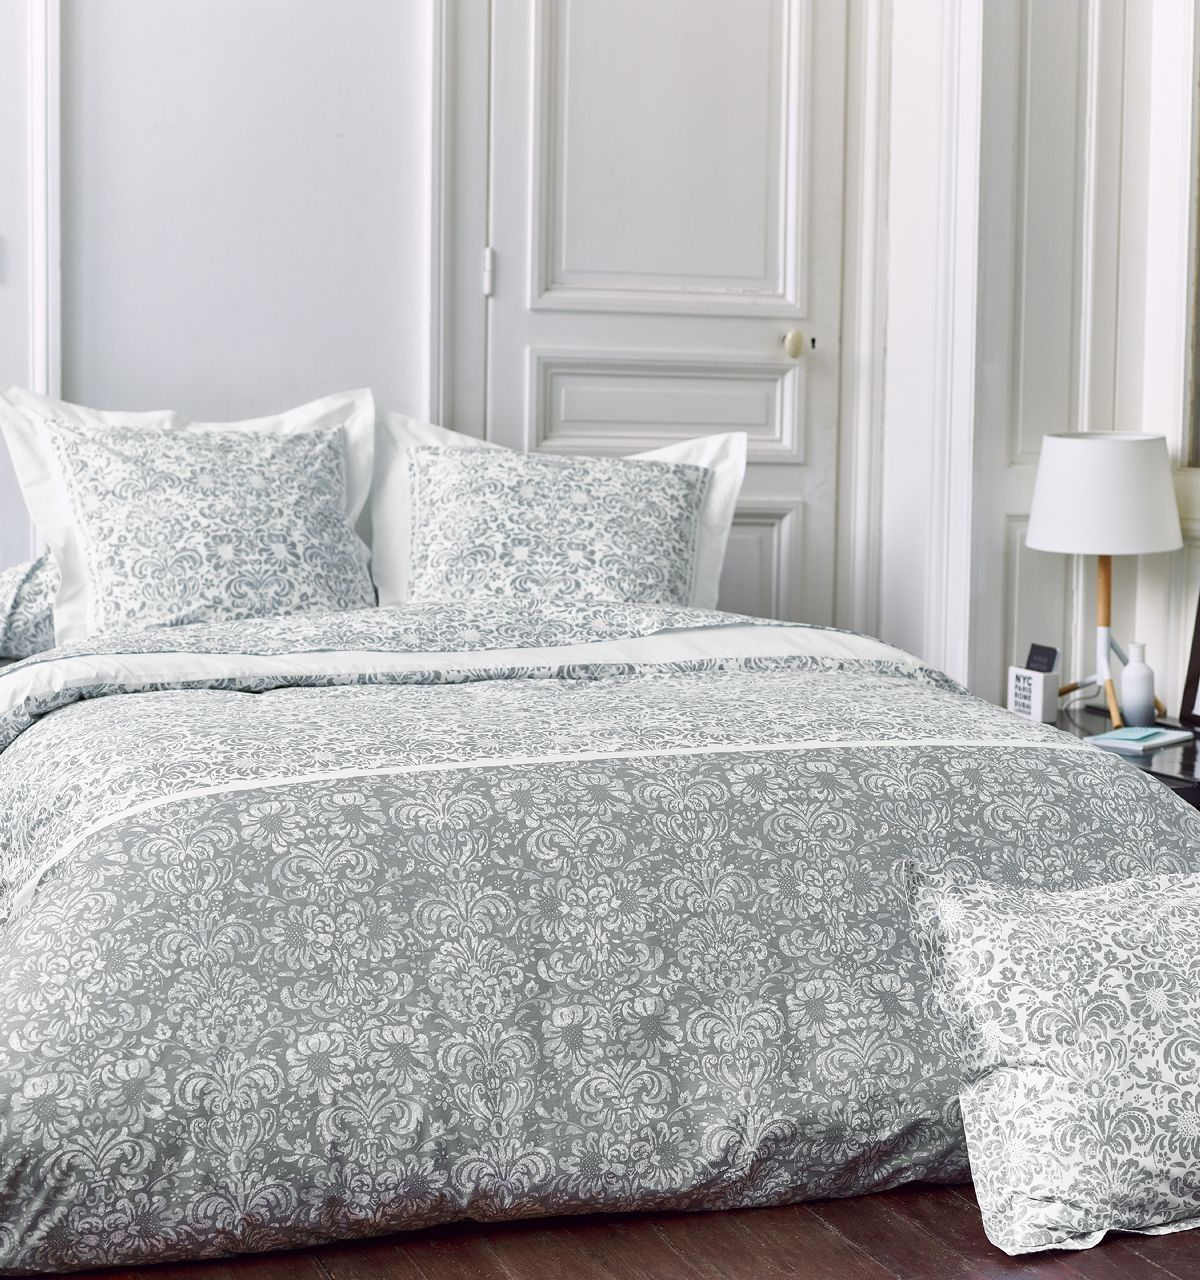 Drap plat percale motif amboise 180x290 tradilinge for Drap housse couette